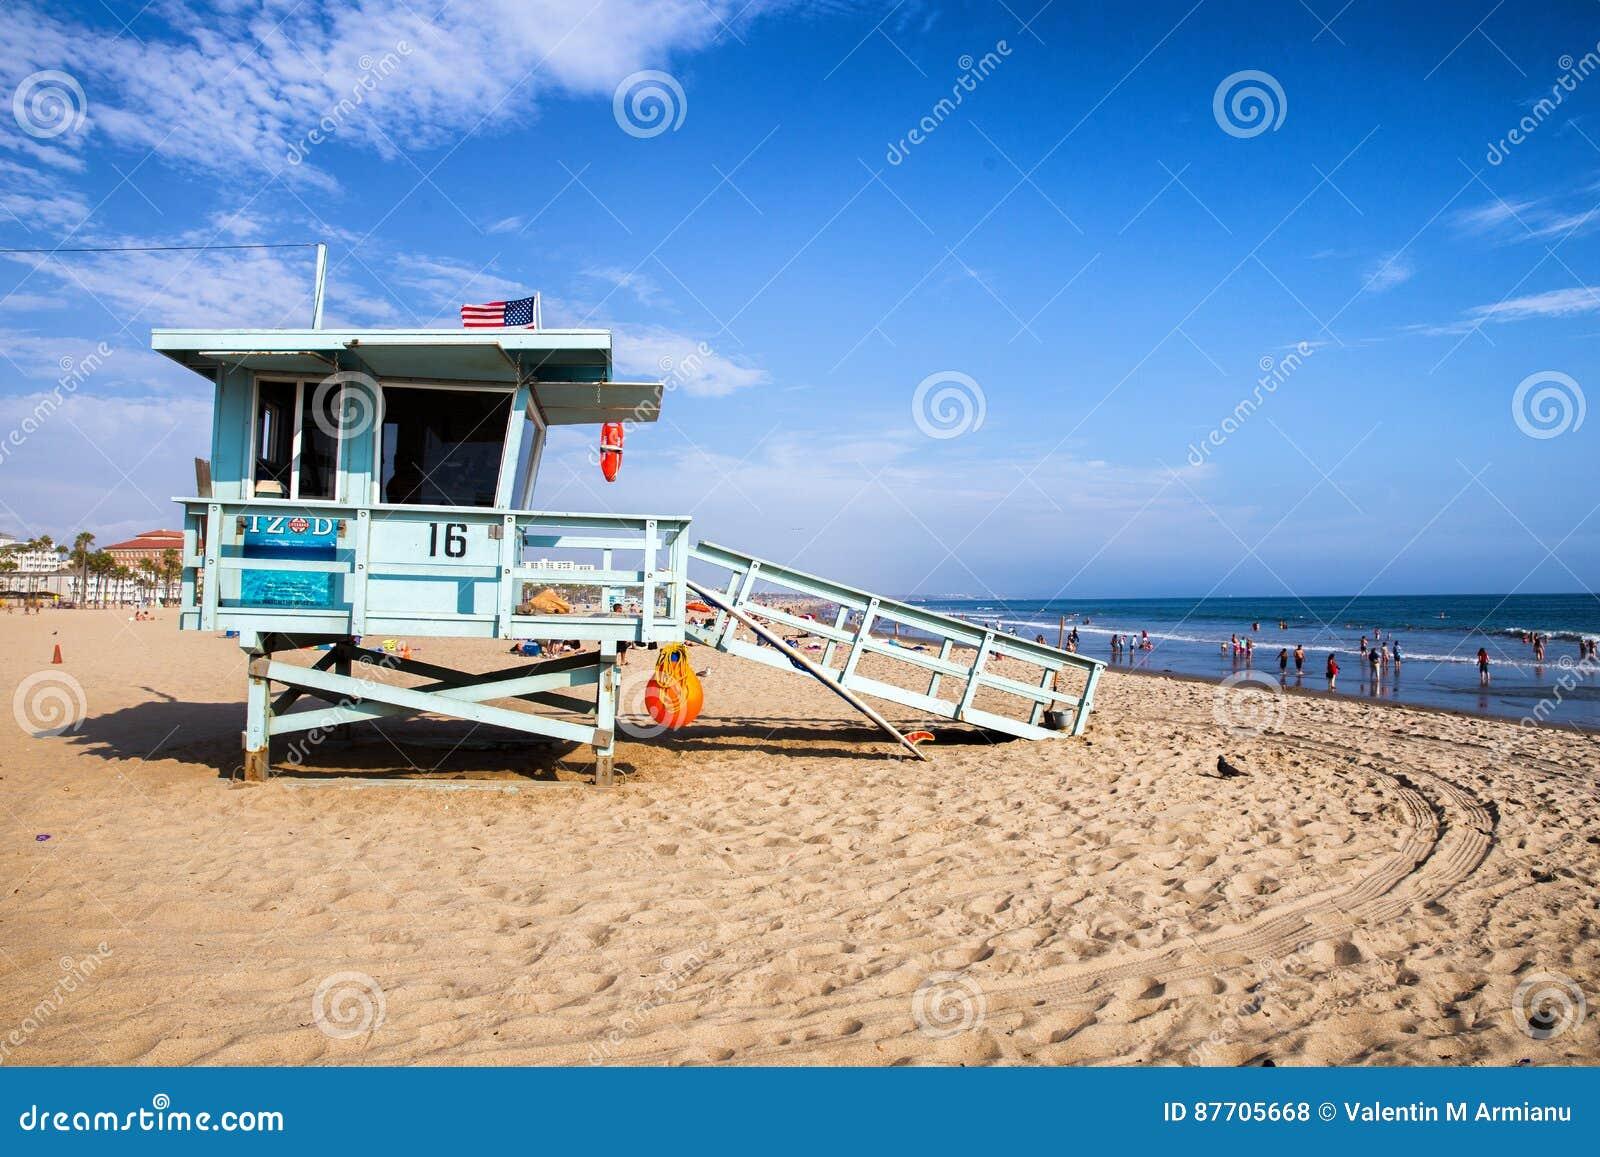 Maître nageur sur la plage de Venise